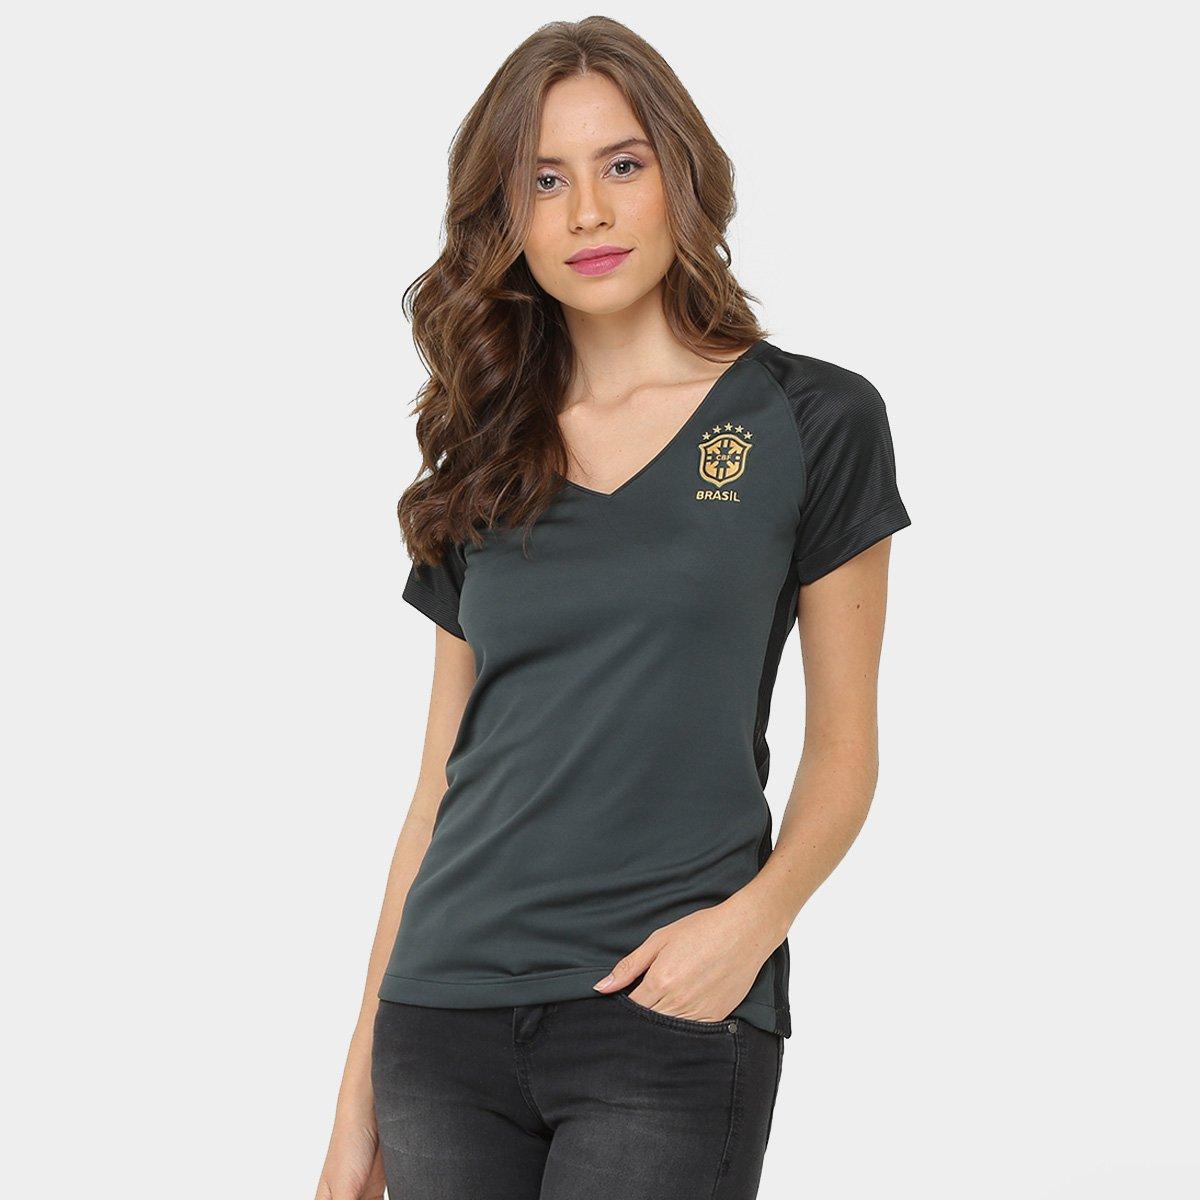 81ba7f225db51 Camisa Seleção Brasil III 17 18 s nº Torcedor Nike Feminina - Compre Agora